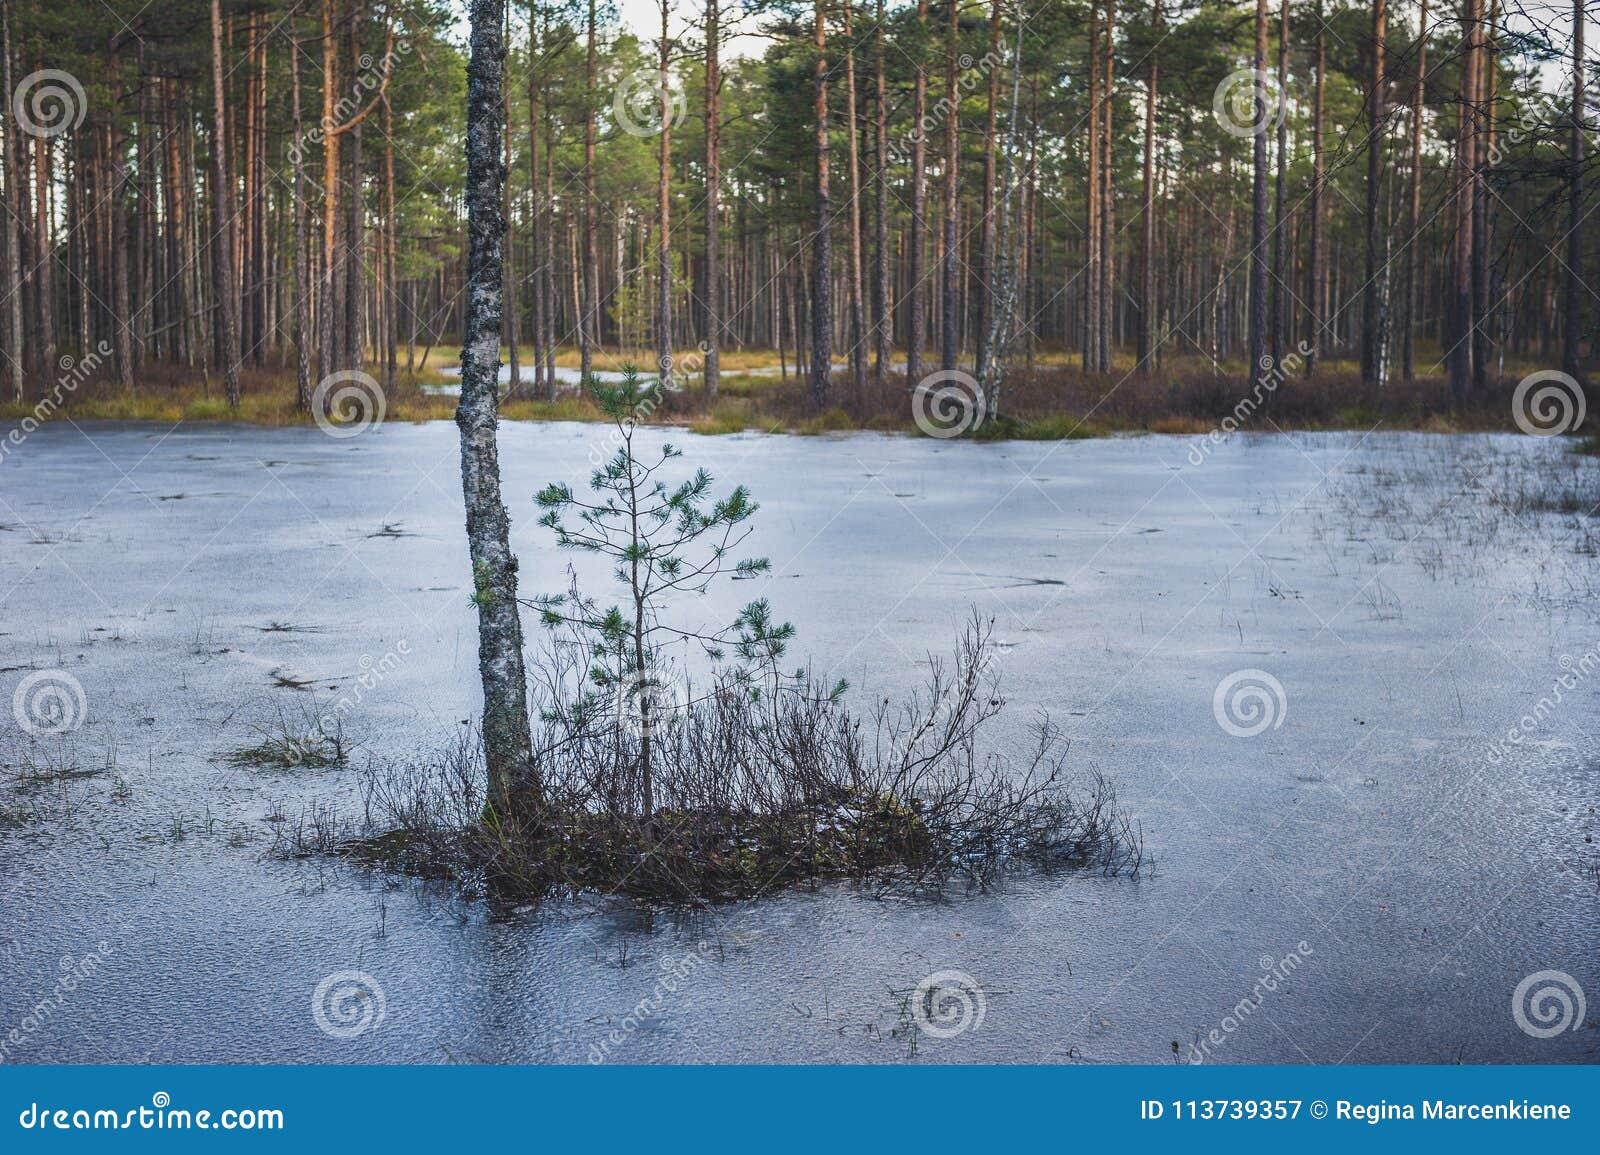 Brzoza i sosna po środku zamarzniętego jeziora